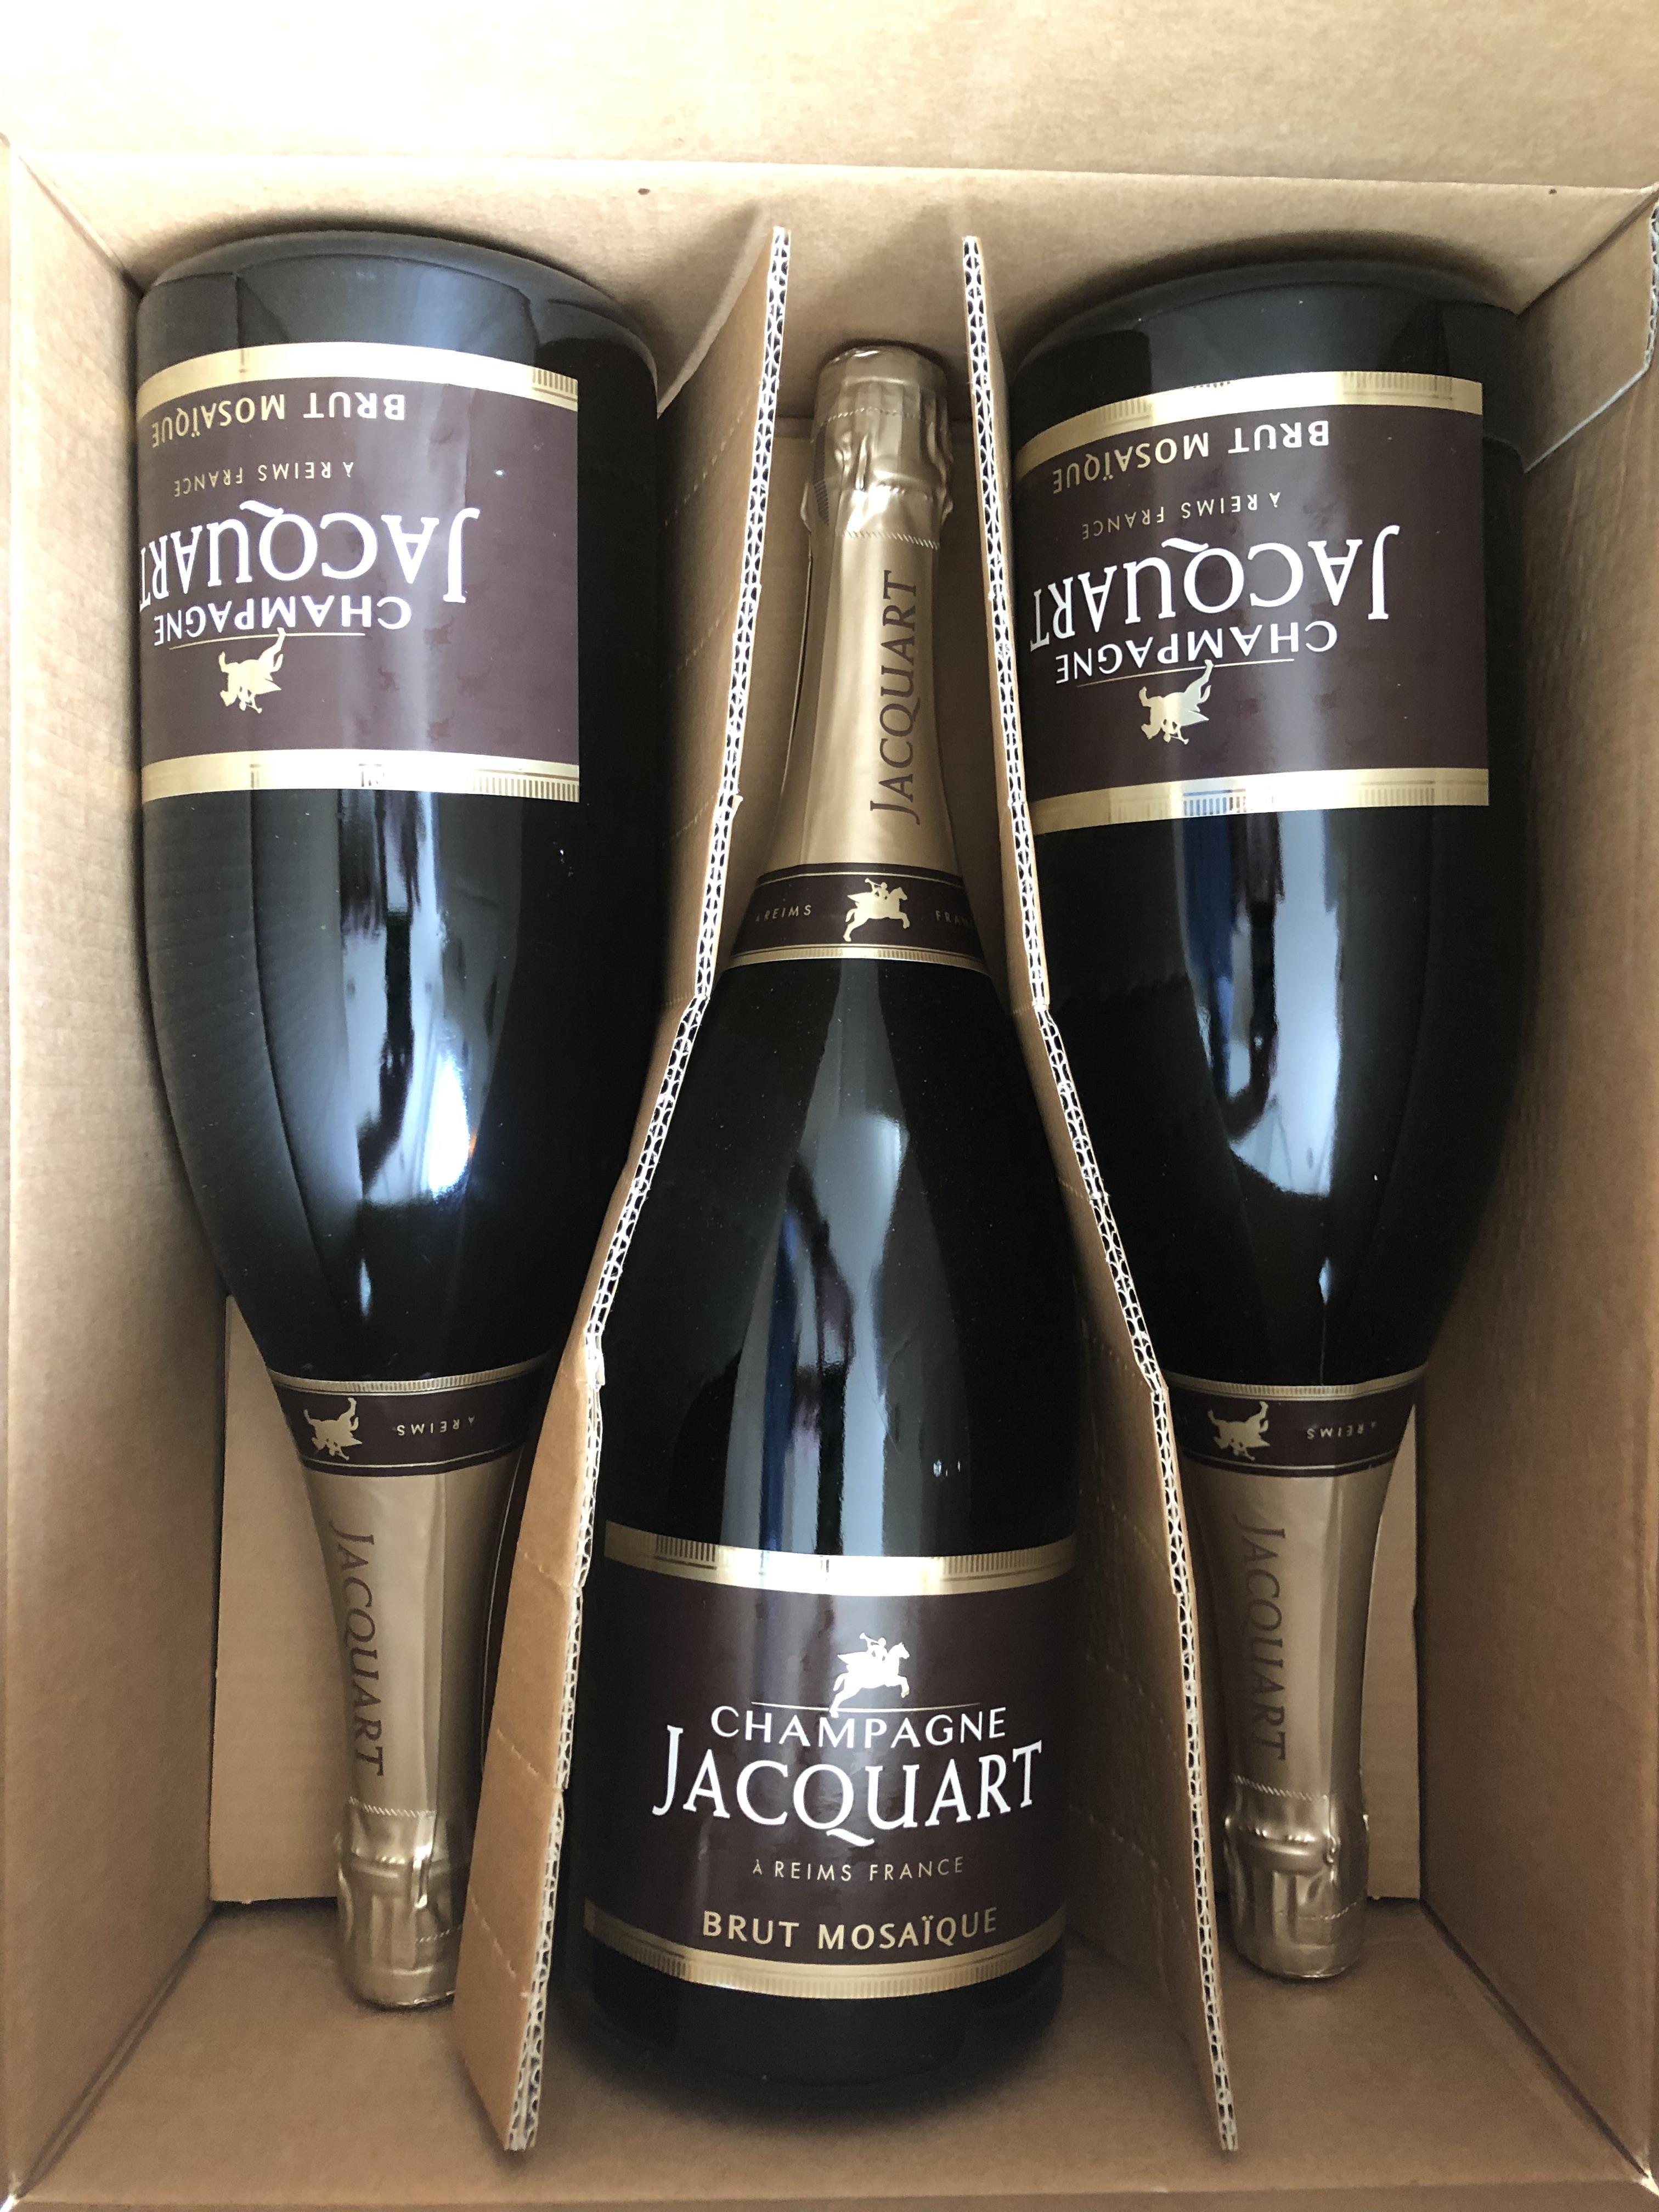 Lot 28 - NV Brut Mosaique, Jacquart, Champagne, France, 3 magnums